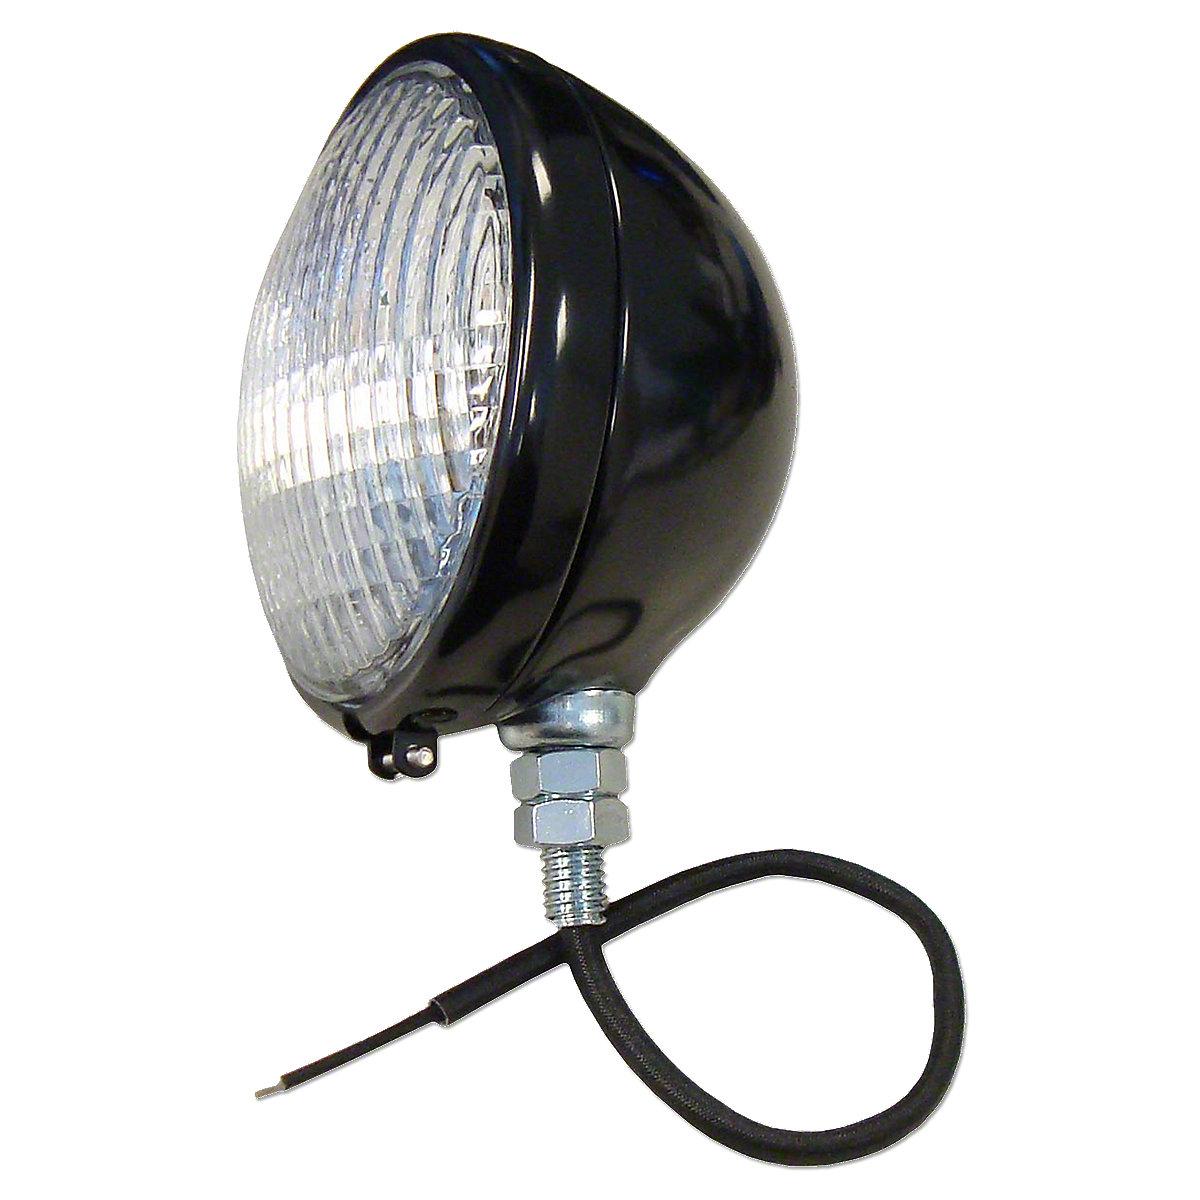 12 Volt Headlight Assembly For Allis Chalmers: B, C, CA, IB, IU, U, UC.